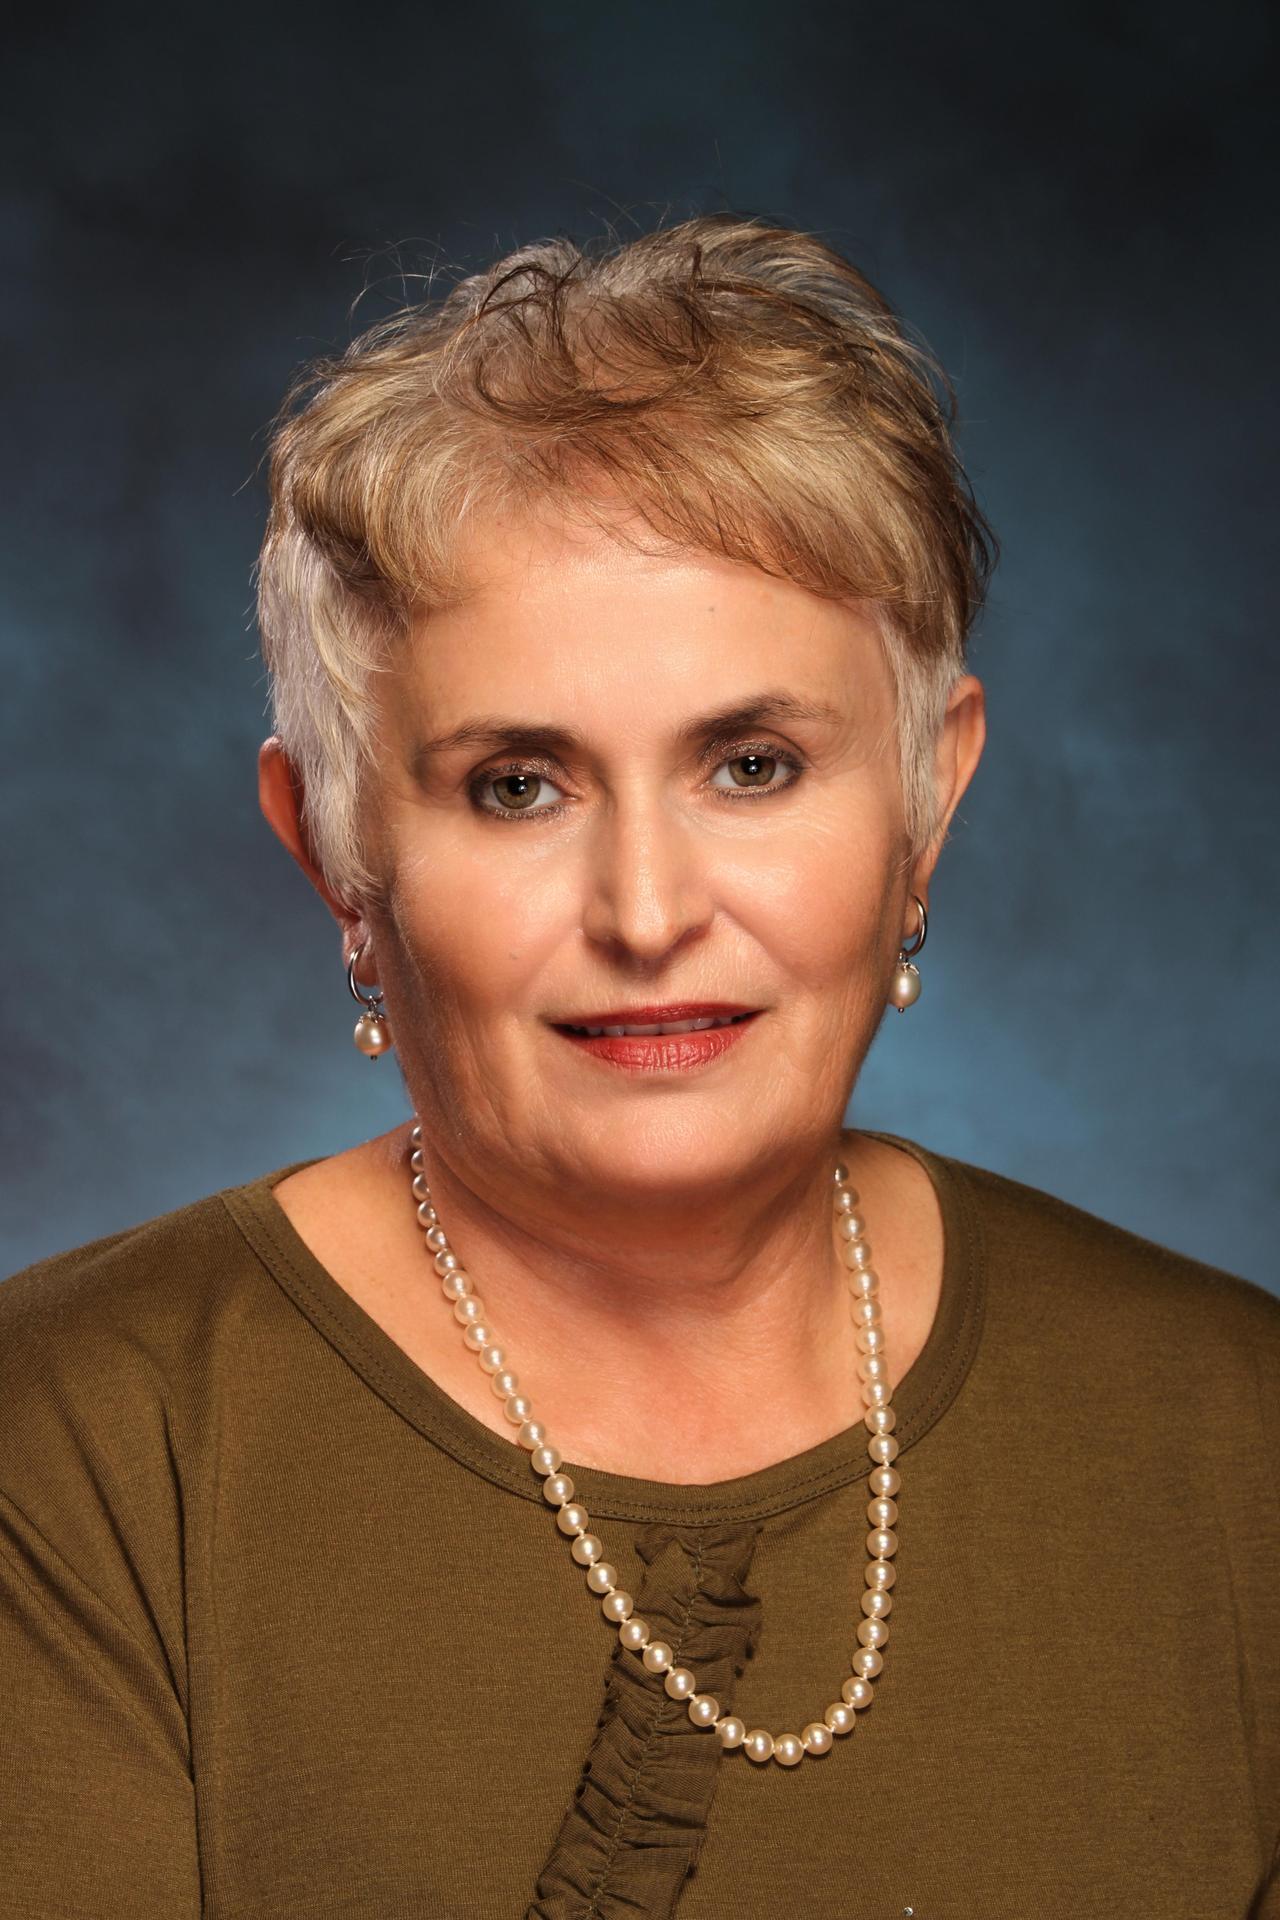 Mrs. Torralba